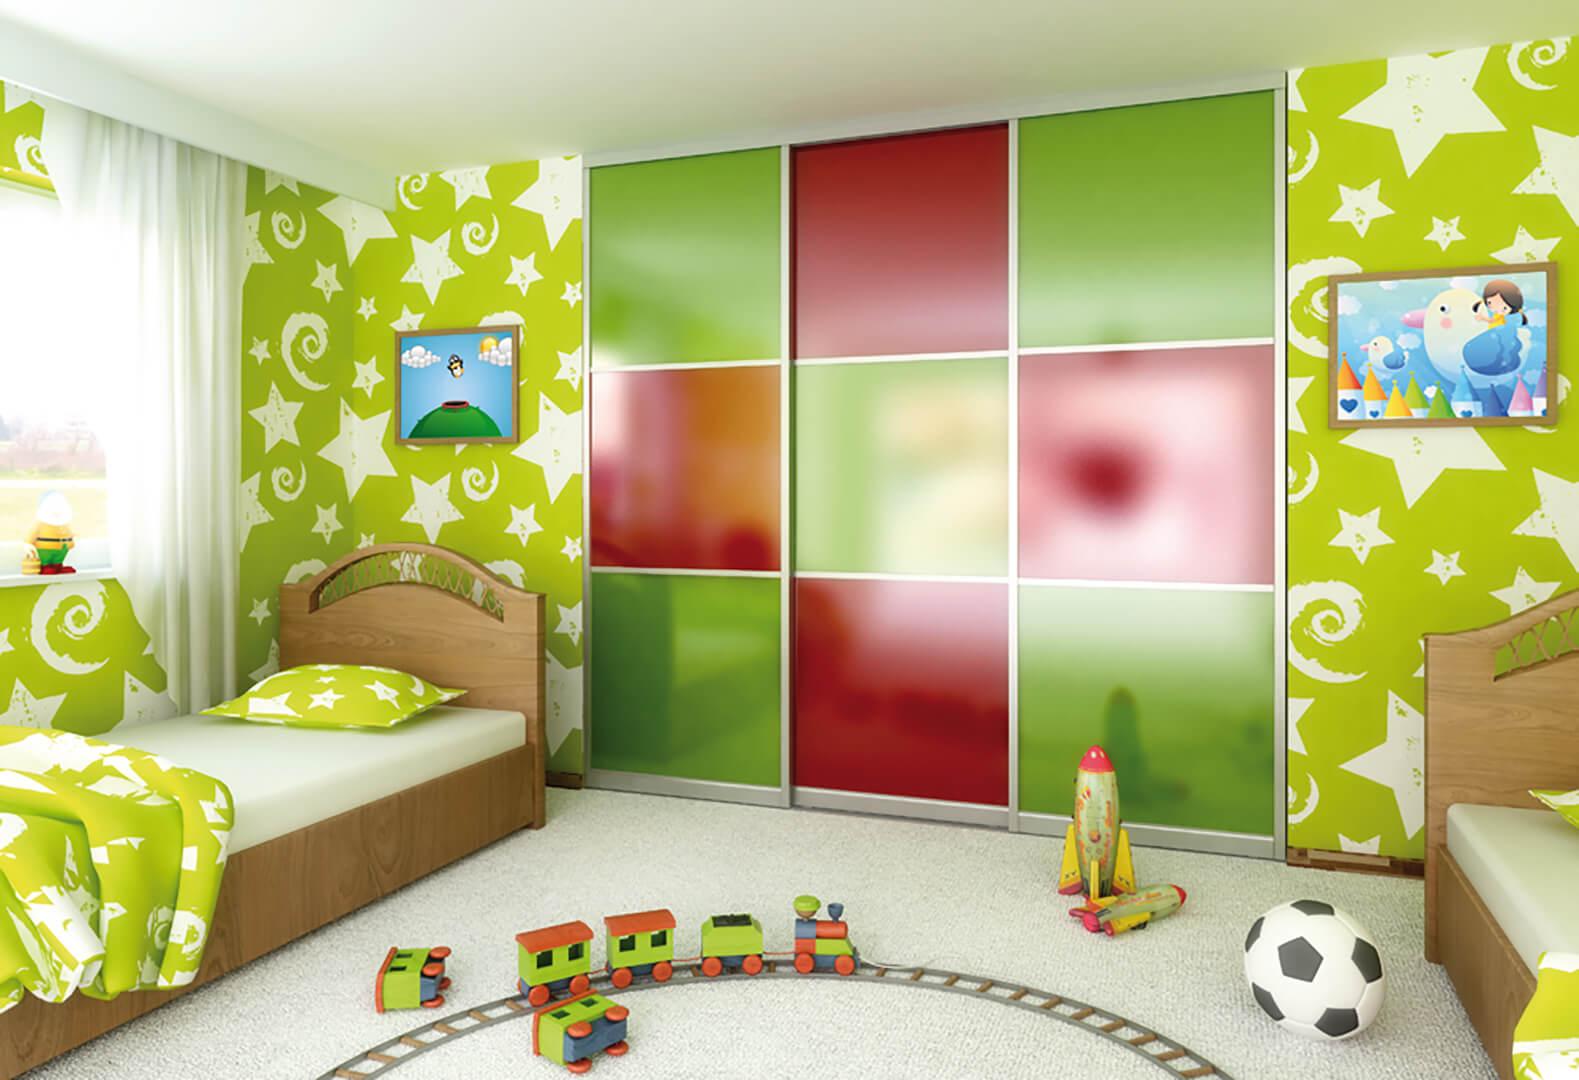 Trzy skrzydłowa szafa z drzwiami przesuwnymi w zielone i czerwone kwadraty w pokoju dziecięcym